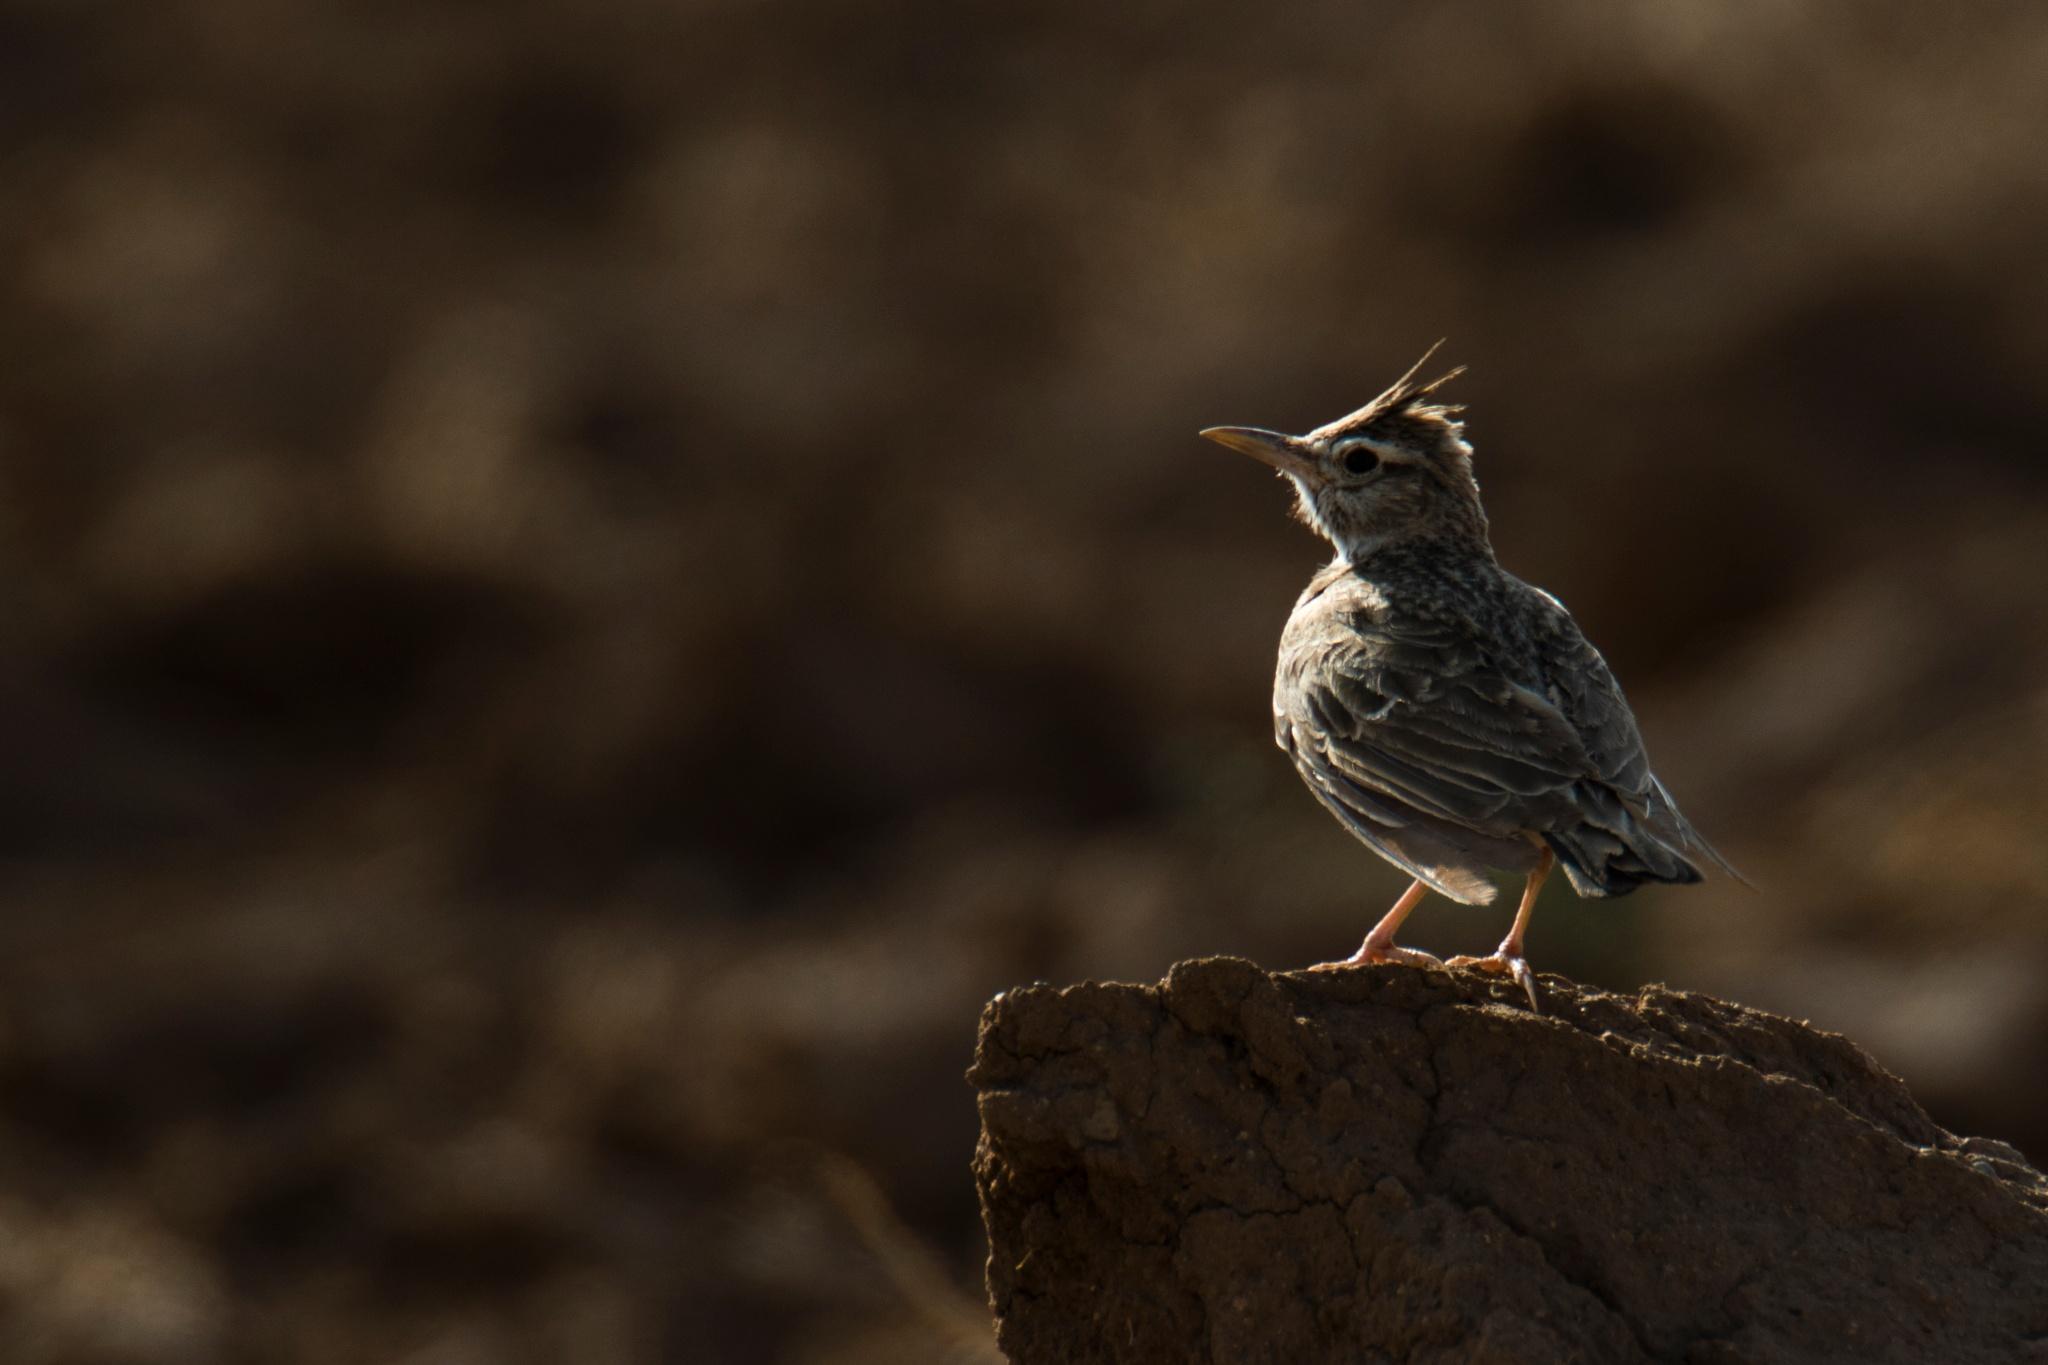 Warbler by mansoor rezaeizade